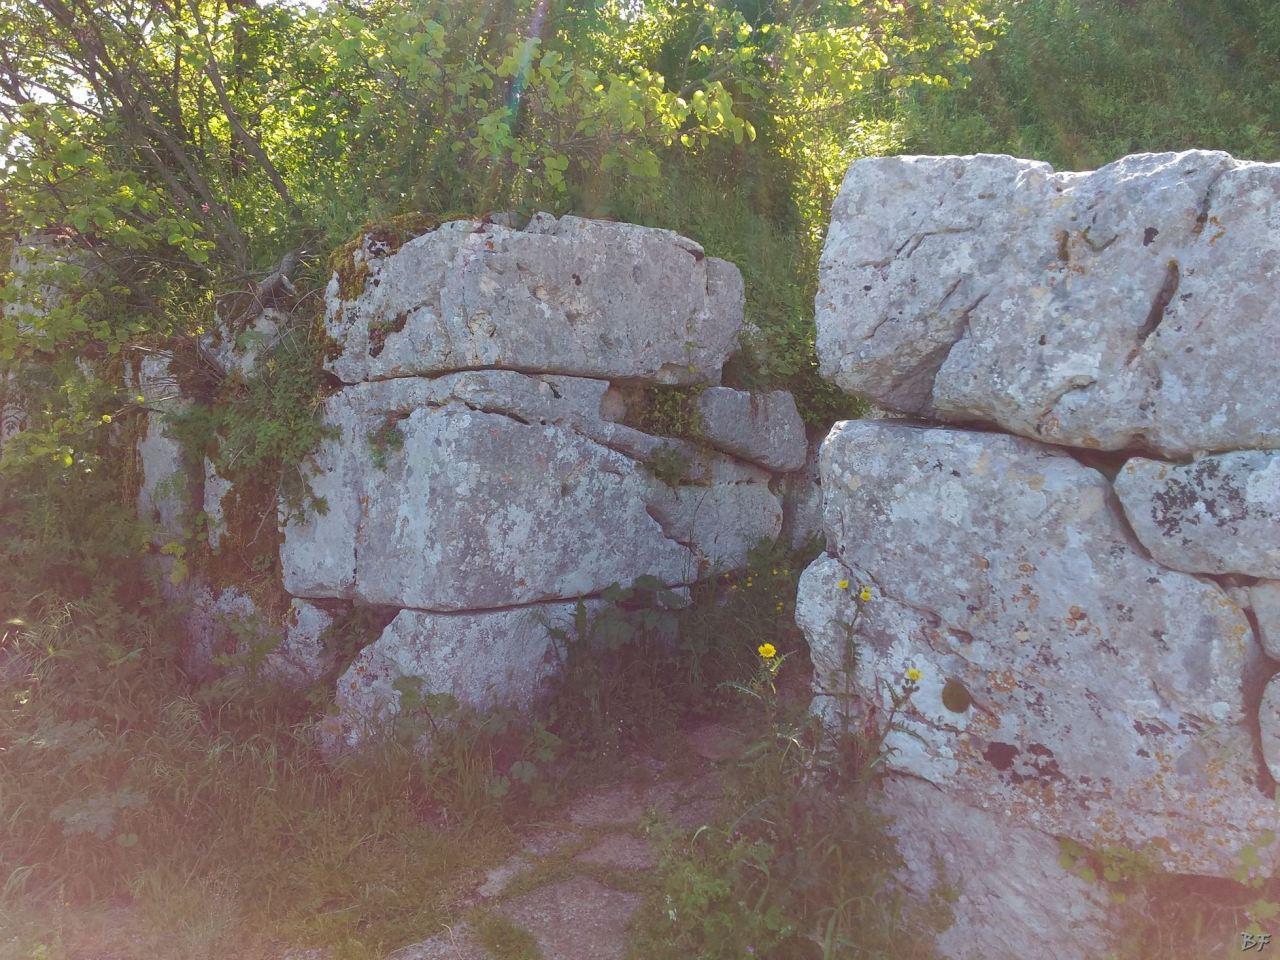 Signia-Mura-Poligonali-Megalitiche-Segni-Roma-Lazio-Italia-1